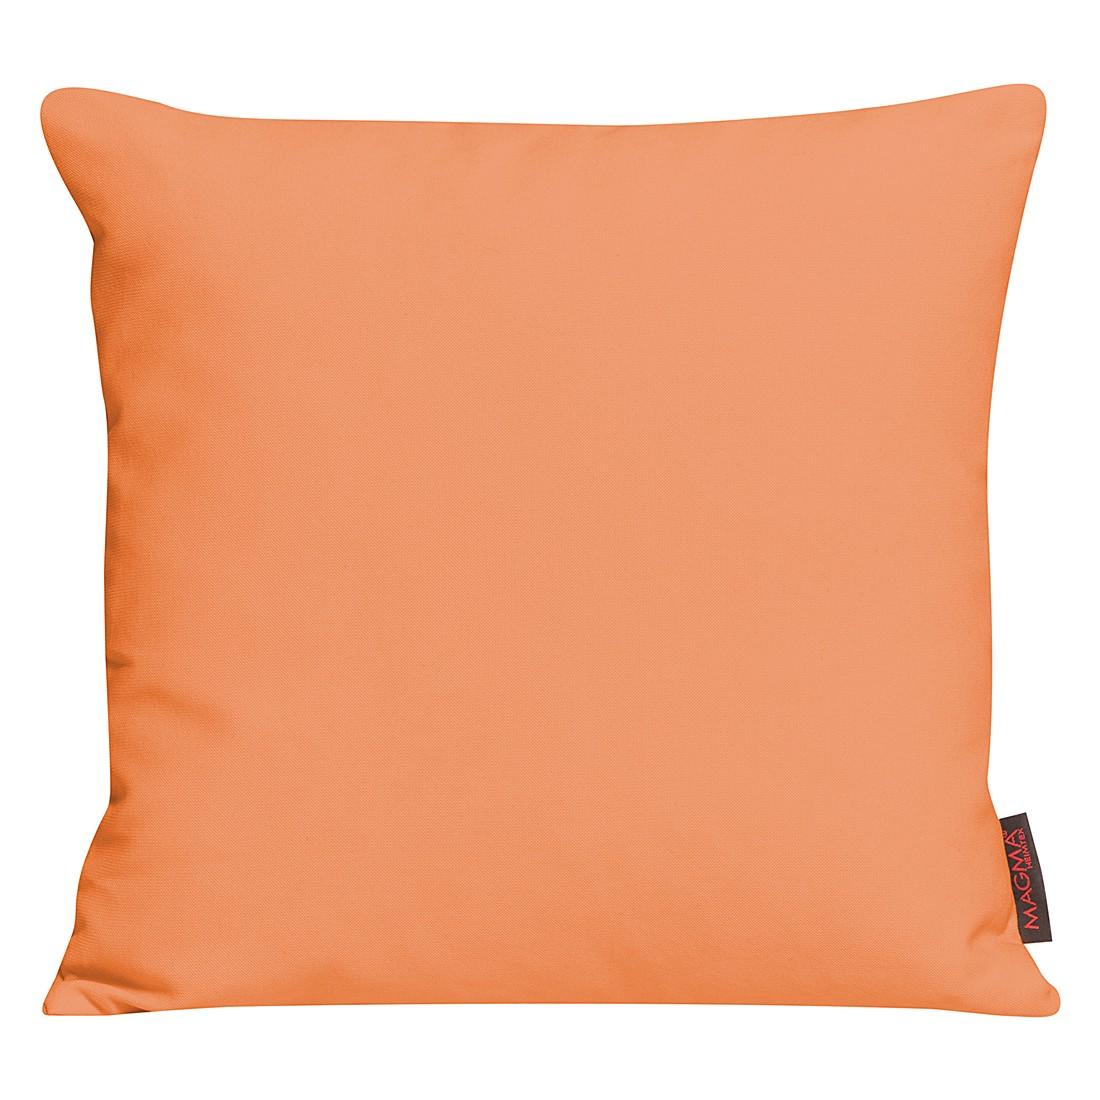 oranje kussenhoes kopen online internetwinkel. Black Bedroom Furniture Sets. Home Design Ideas